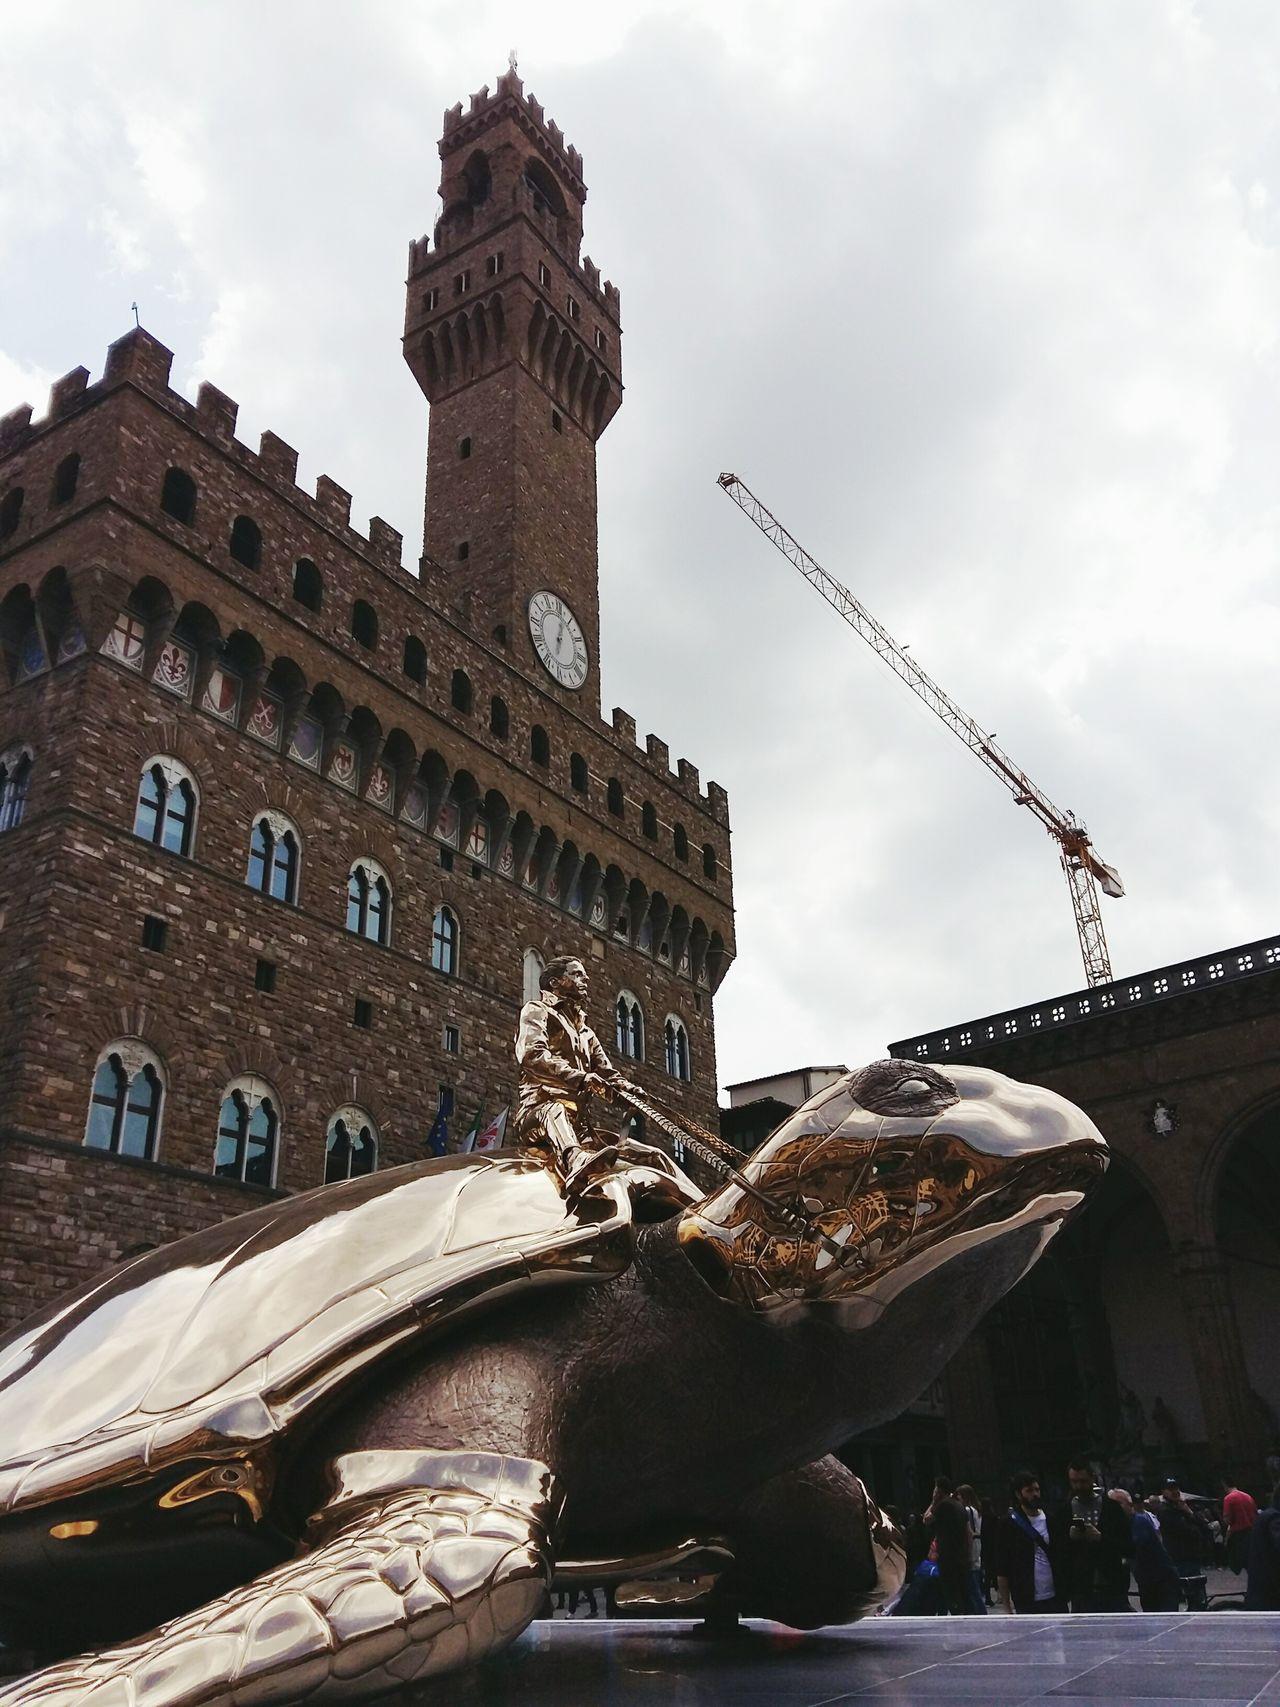 Florence EyeEm Best Shots Sculpture Firenze Jan Fabre Utopia